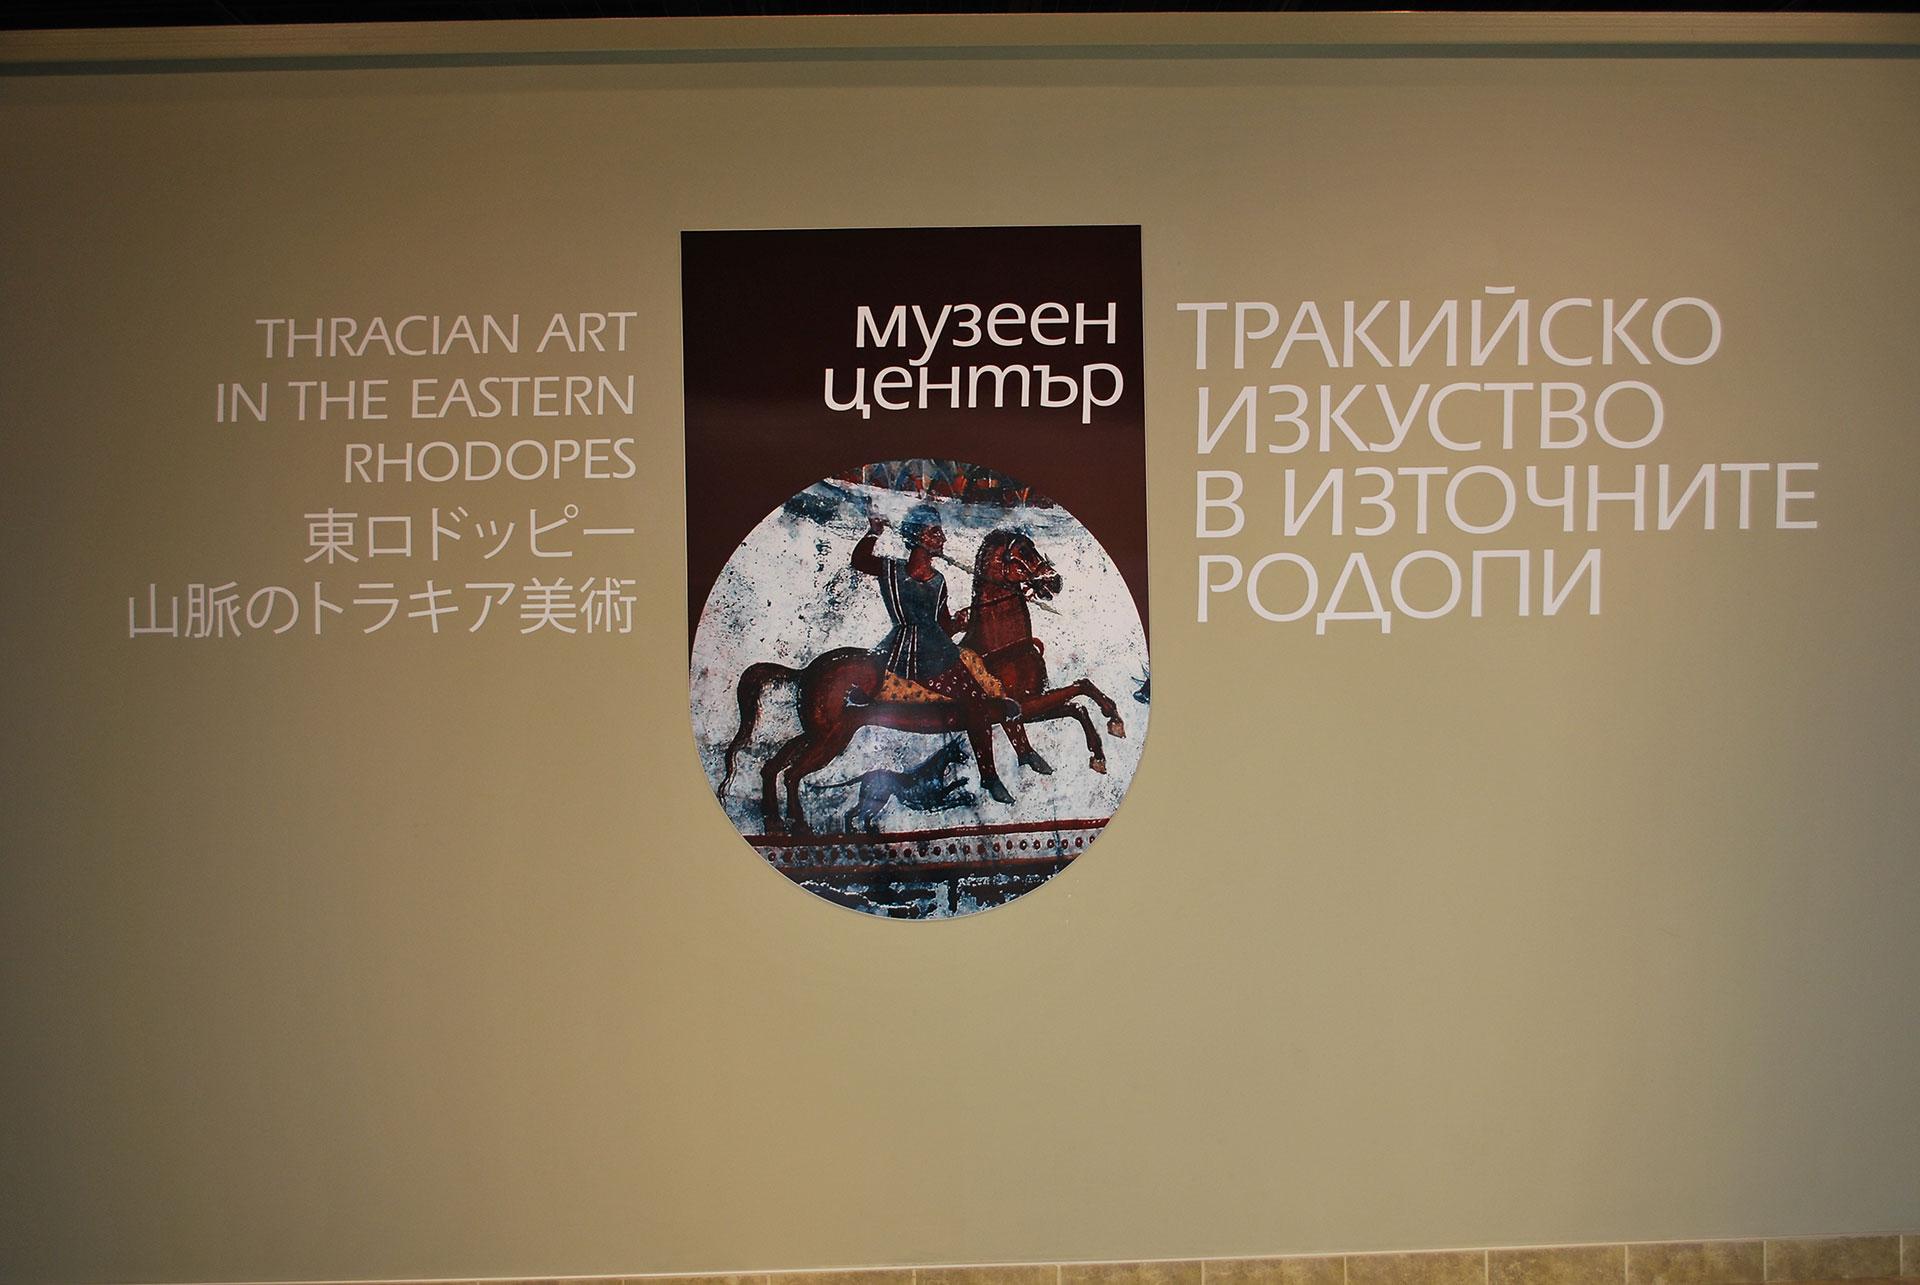 alexandrovo-thracians